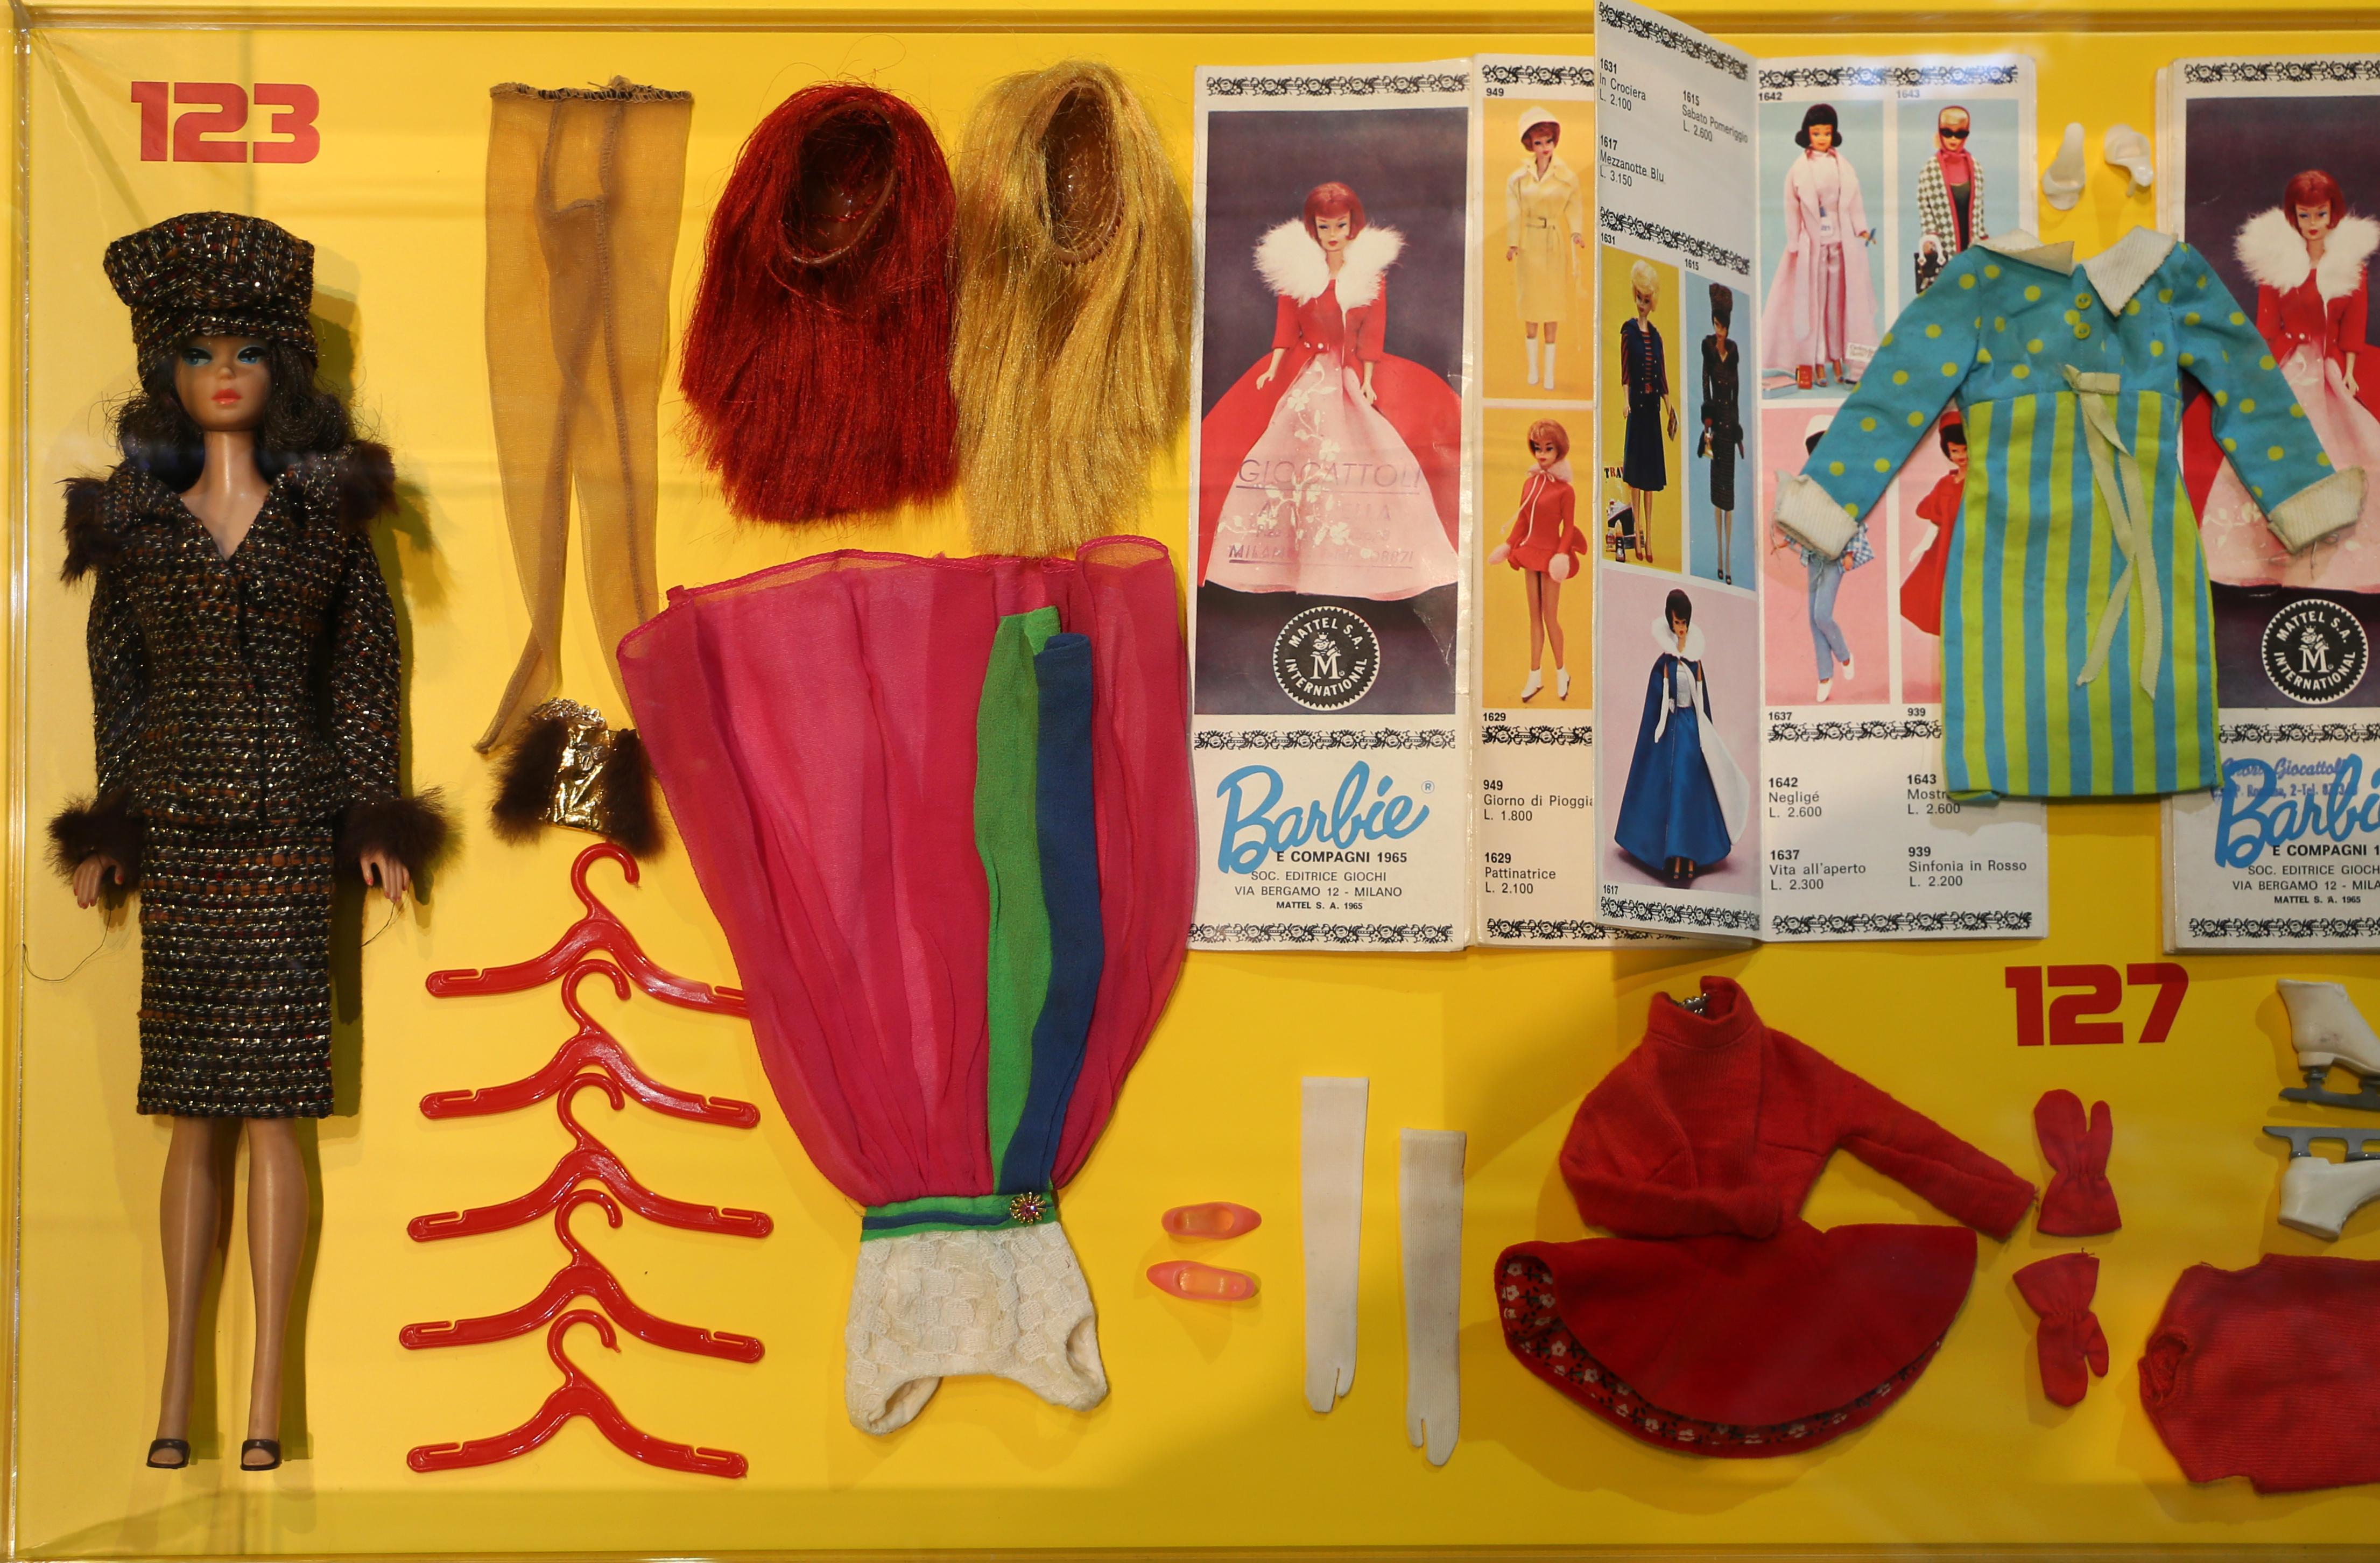 super popolare 1cbf7 16e14 Fichier:Barbie e skipper con vari outfit anni '60 (coll ...